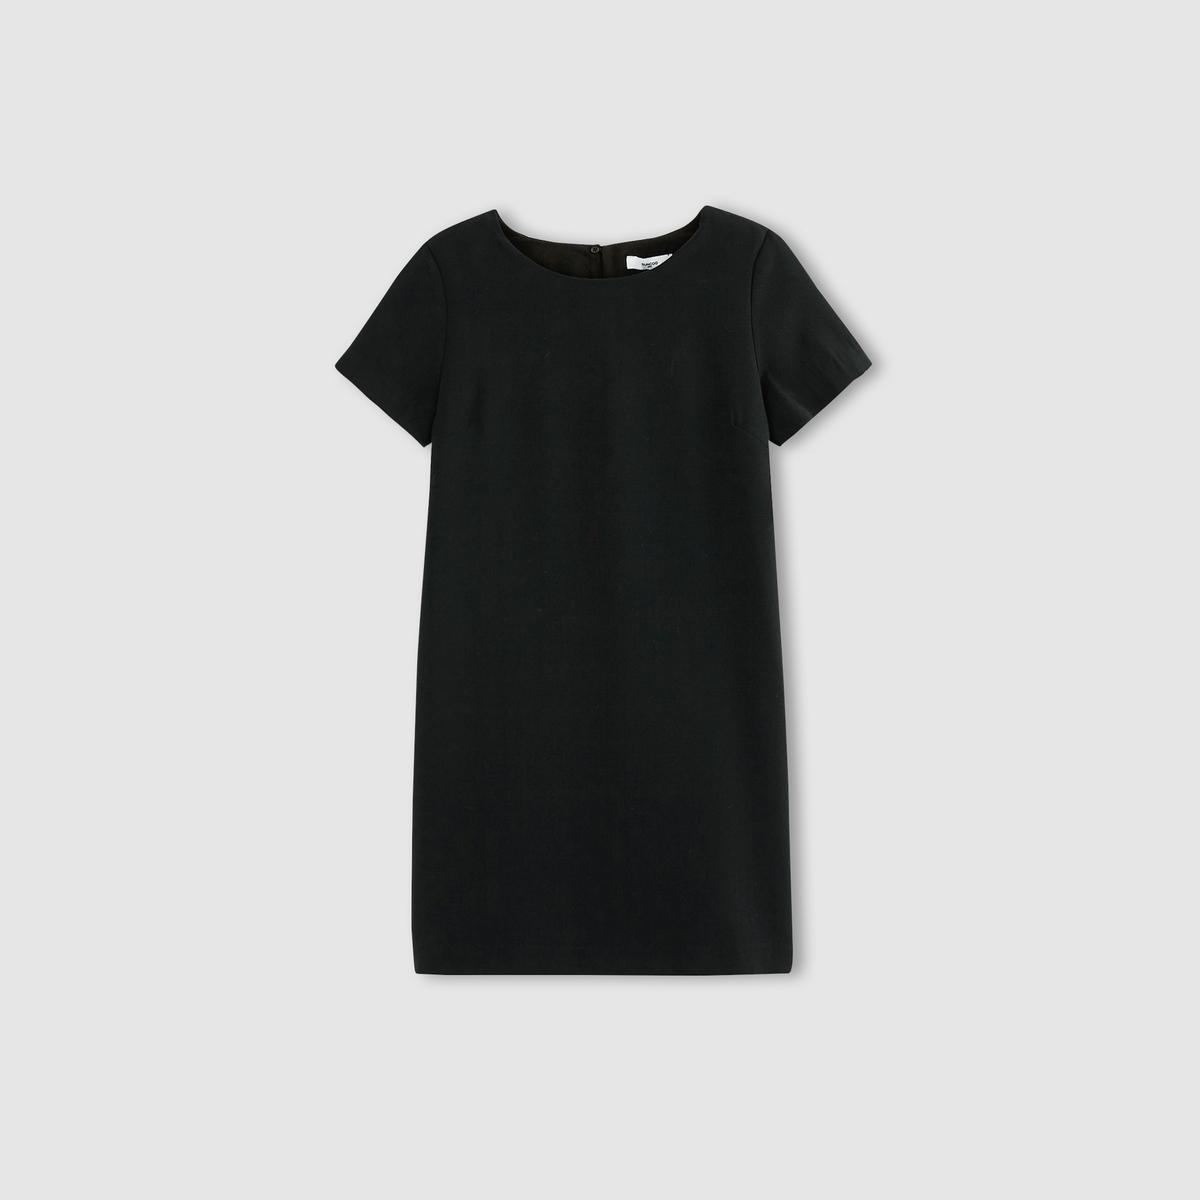 Платье с короткими рукавами  CASSANDREСостав и деталиМатериал: 100% полиэстера.Подкладка       100% вискозы     Марка          CHARLISE   Модель           CASSANDRE               Уход     Следуйте рекомендациям по уходу, указанным на этикетке изделия<br><br>Цвет: темно-синий<br>Размер: S